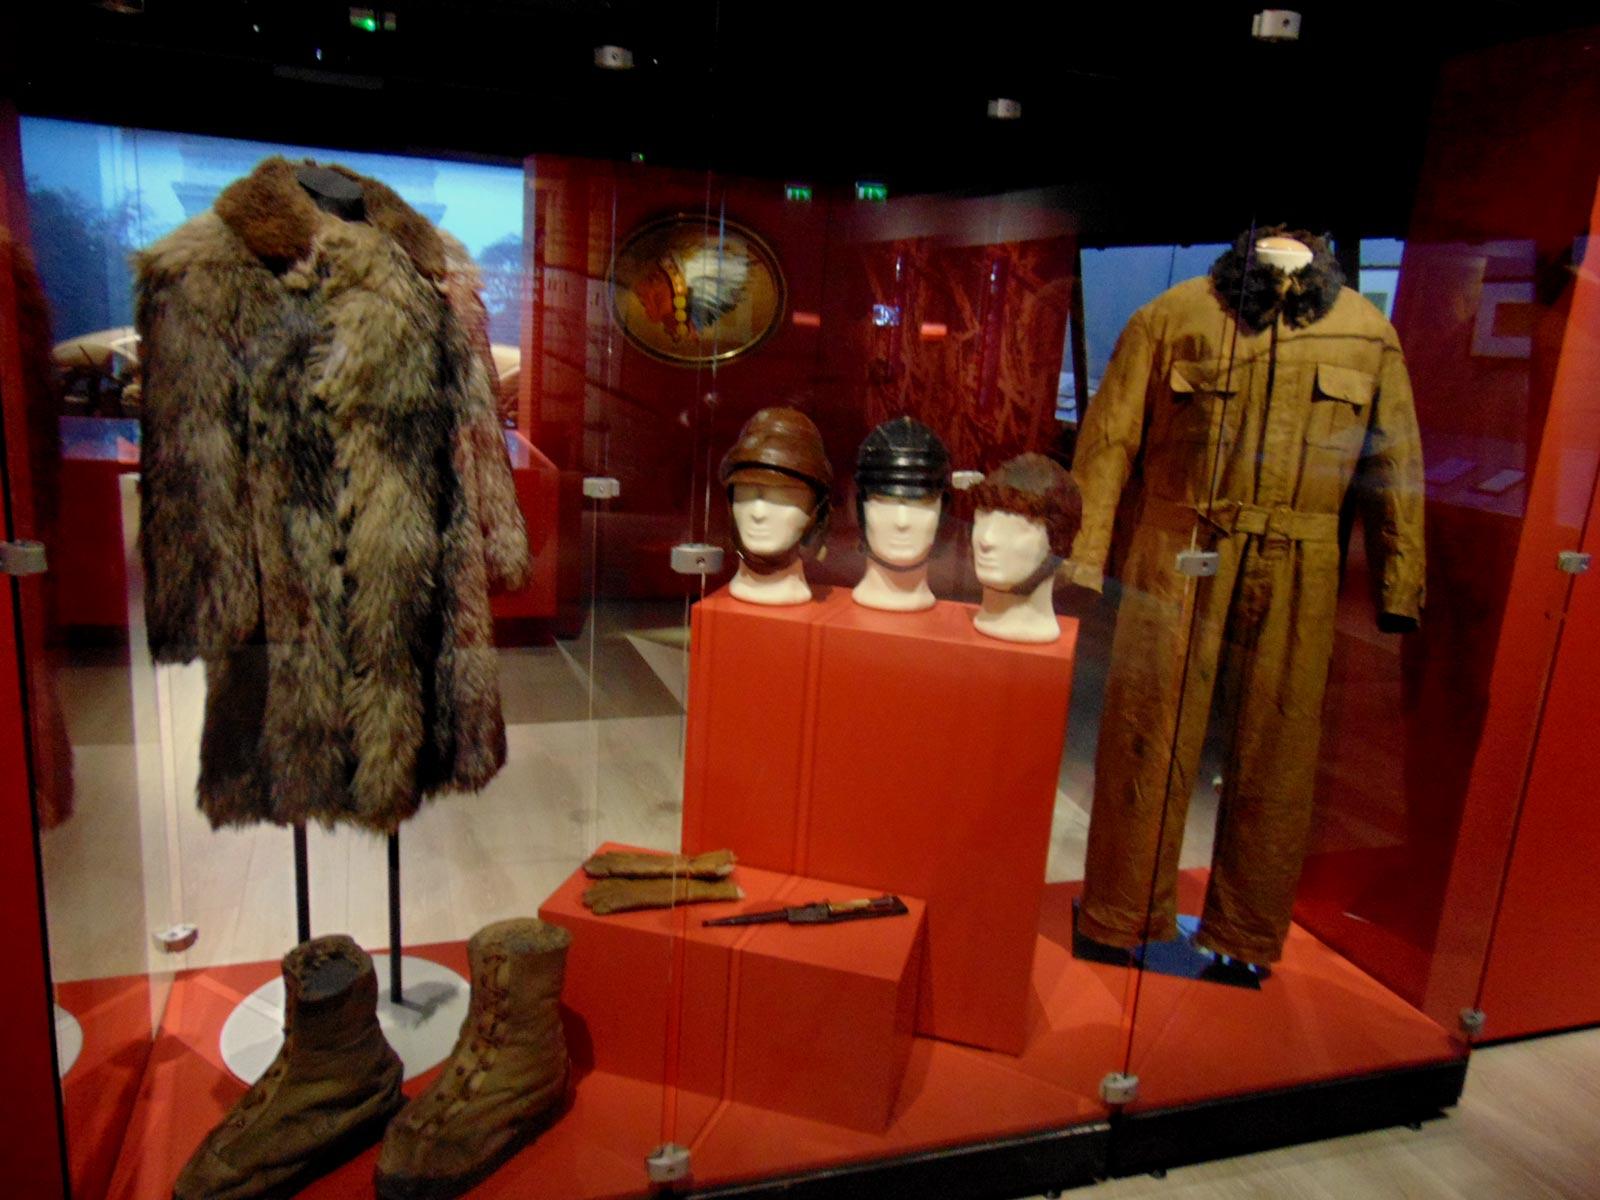 униформа авиации в первую мировую войну, музей в ле Бурже